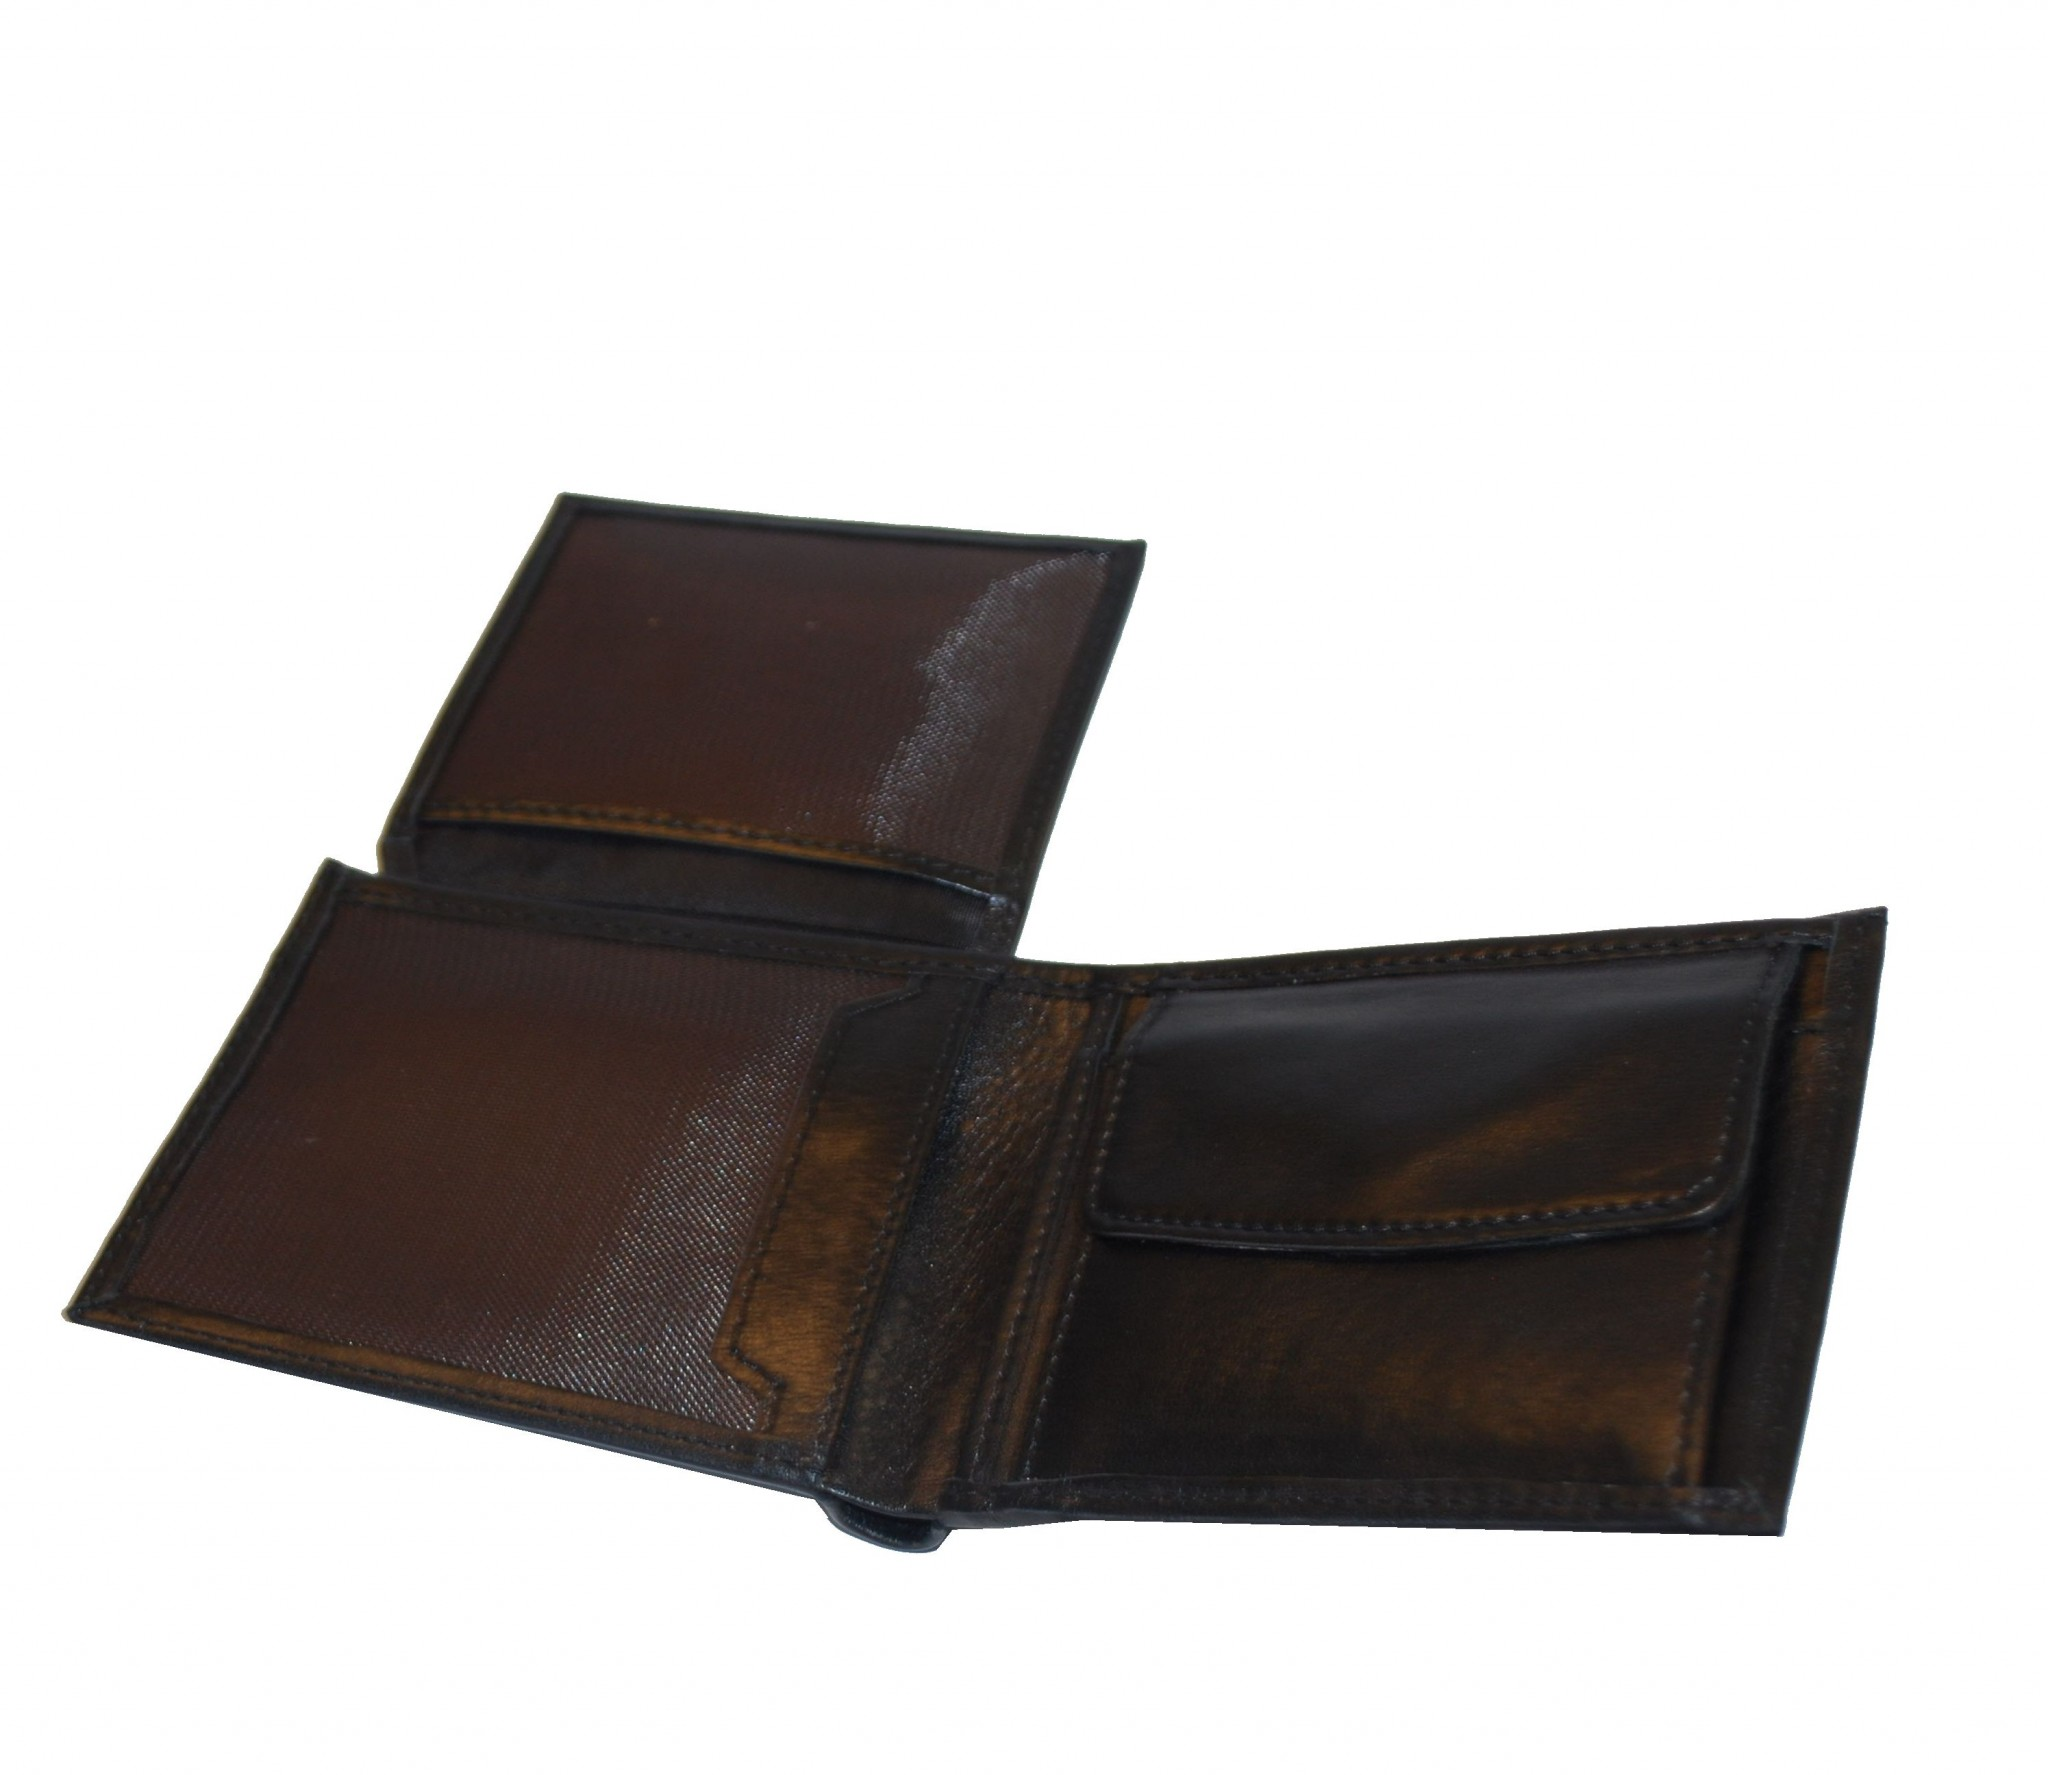 cc6ba4090d Pánska peňaženka z pravej kože. Kvalitné spracovanie a talianska koža.